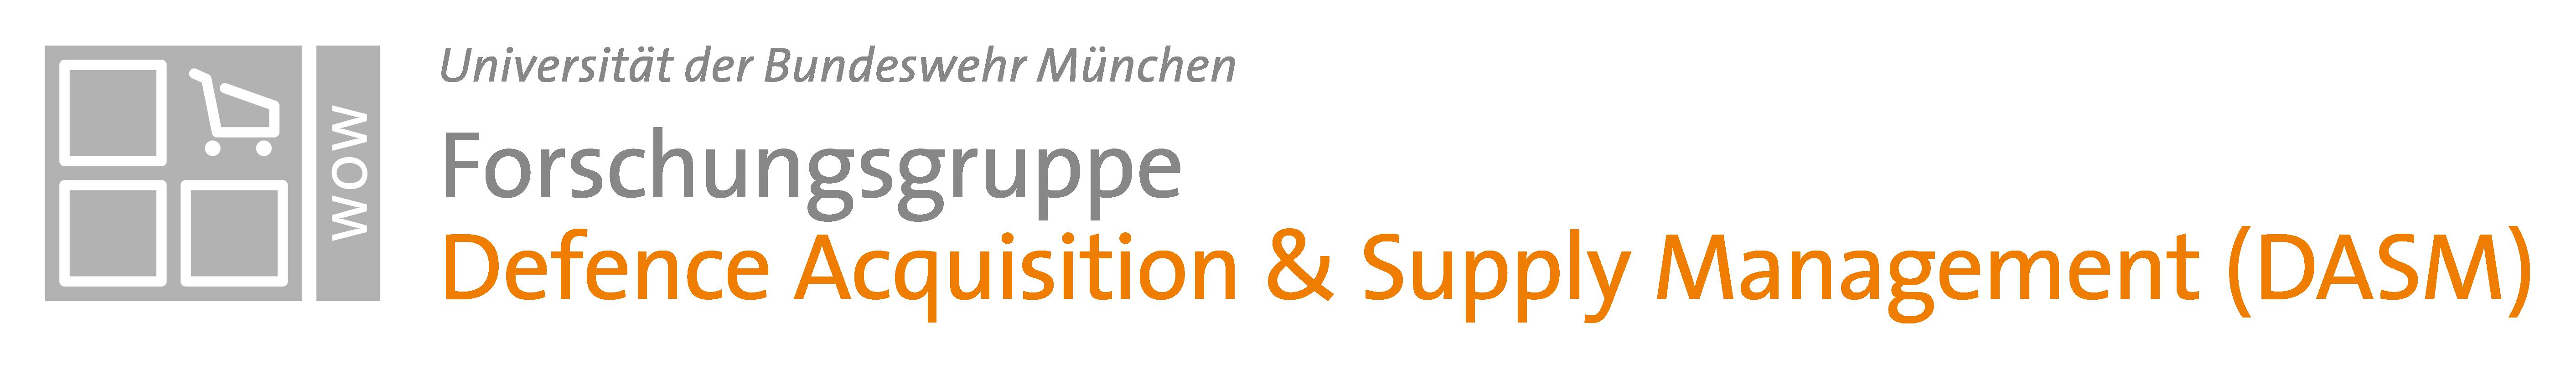 UniBwM_ForschungsgruppeDASM.png